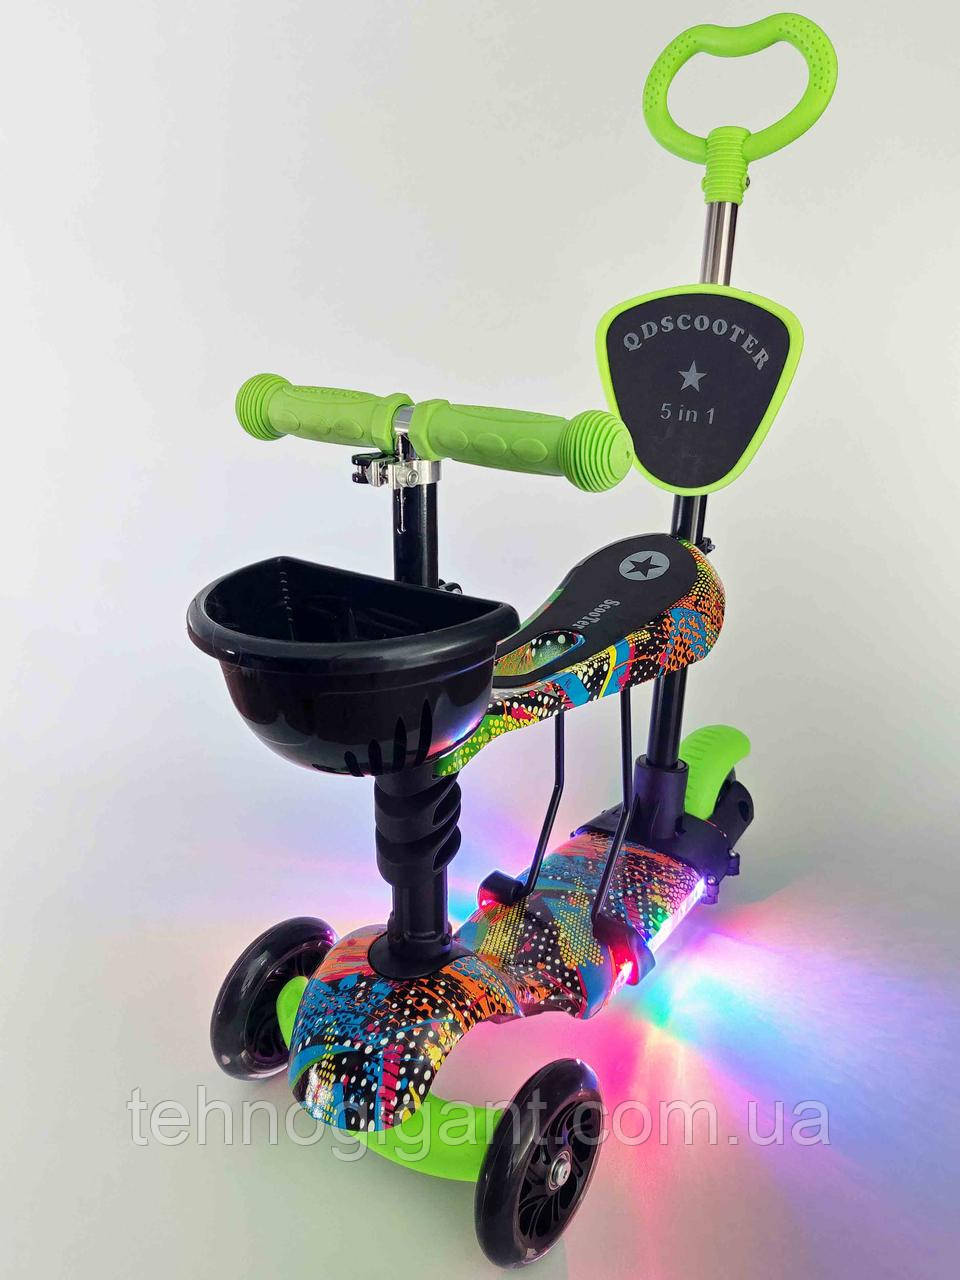 Самокат-беговел 5в1 Scooter с родительской ручкой, сиденьем, подсветкой платформы и колес, Зеленый